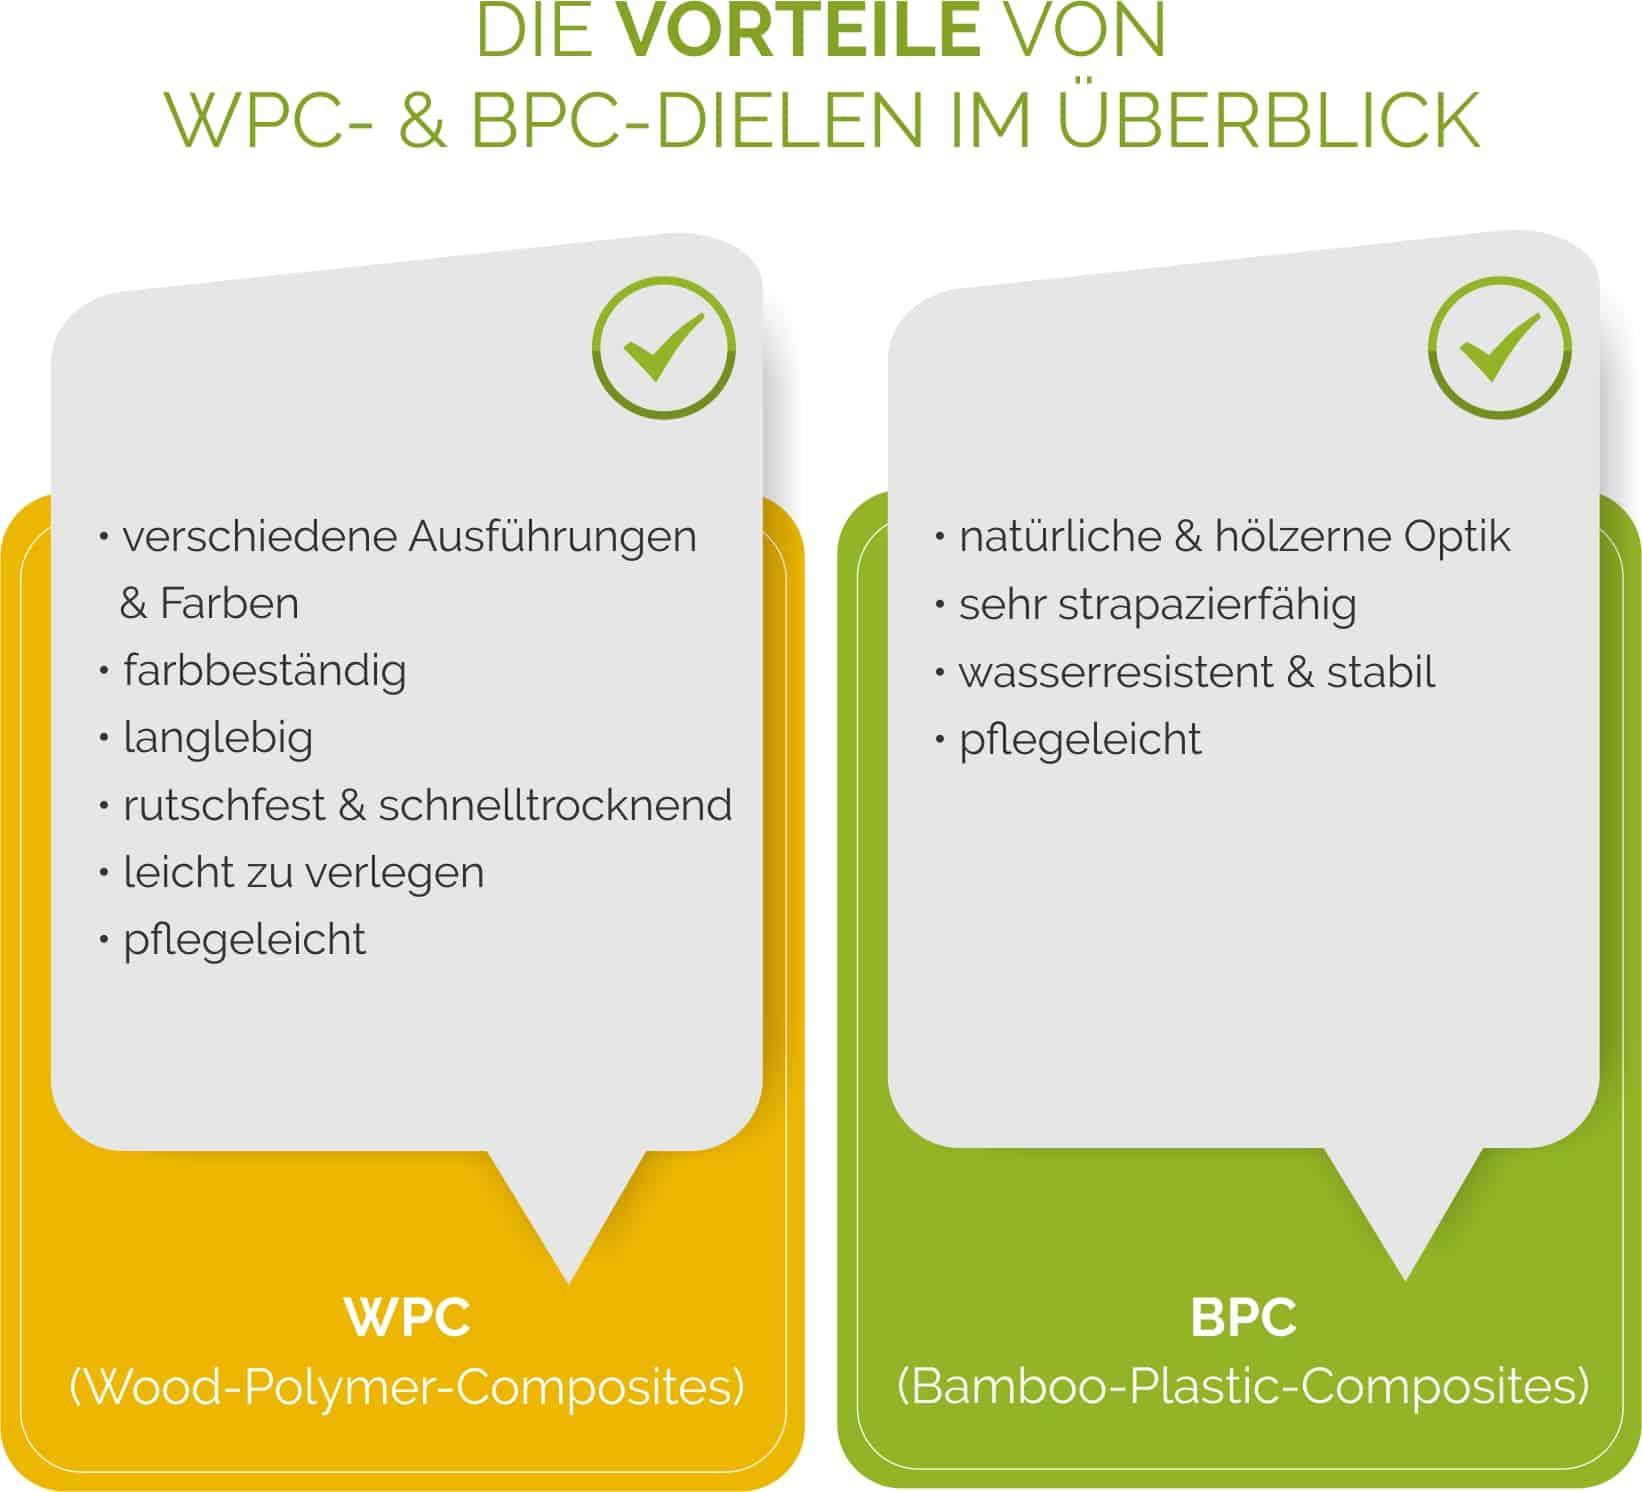 Die Vorteile von WPC- und BPC-Dielen im Überblick